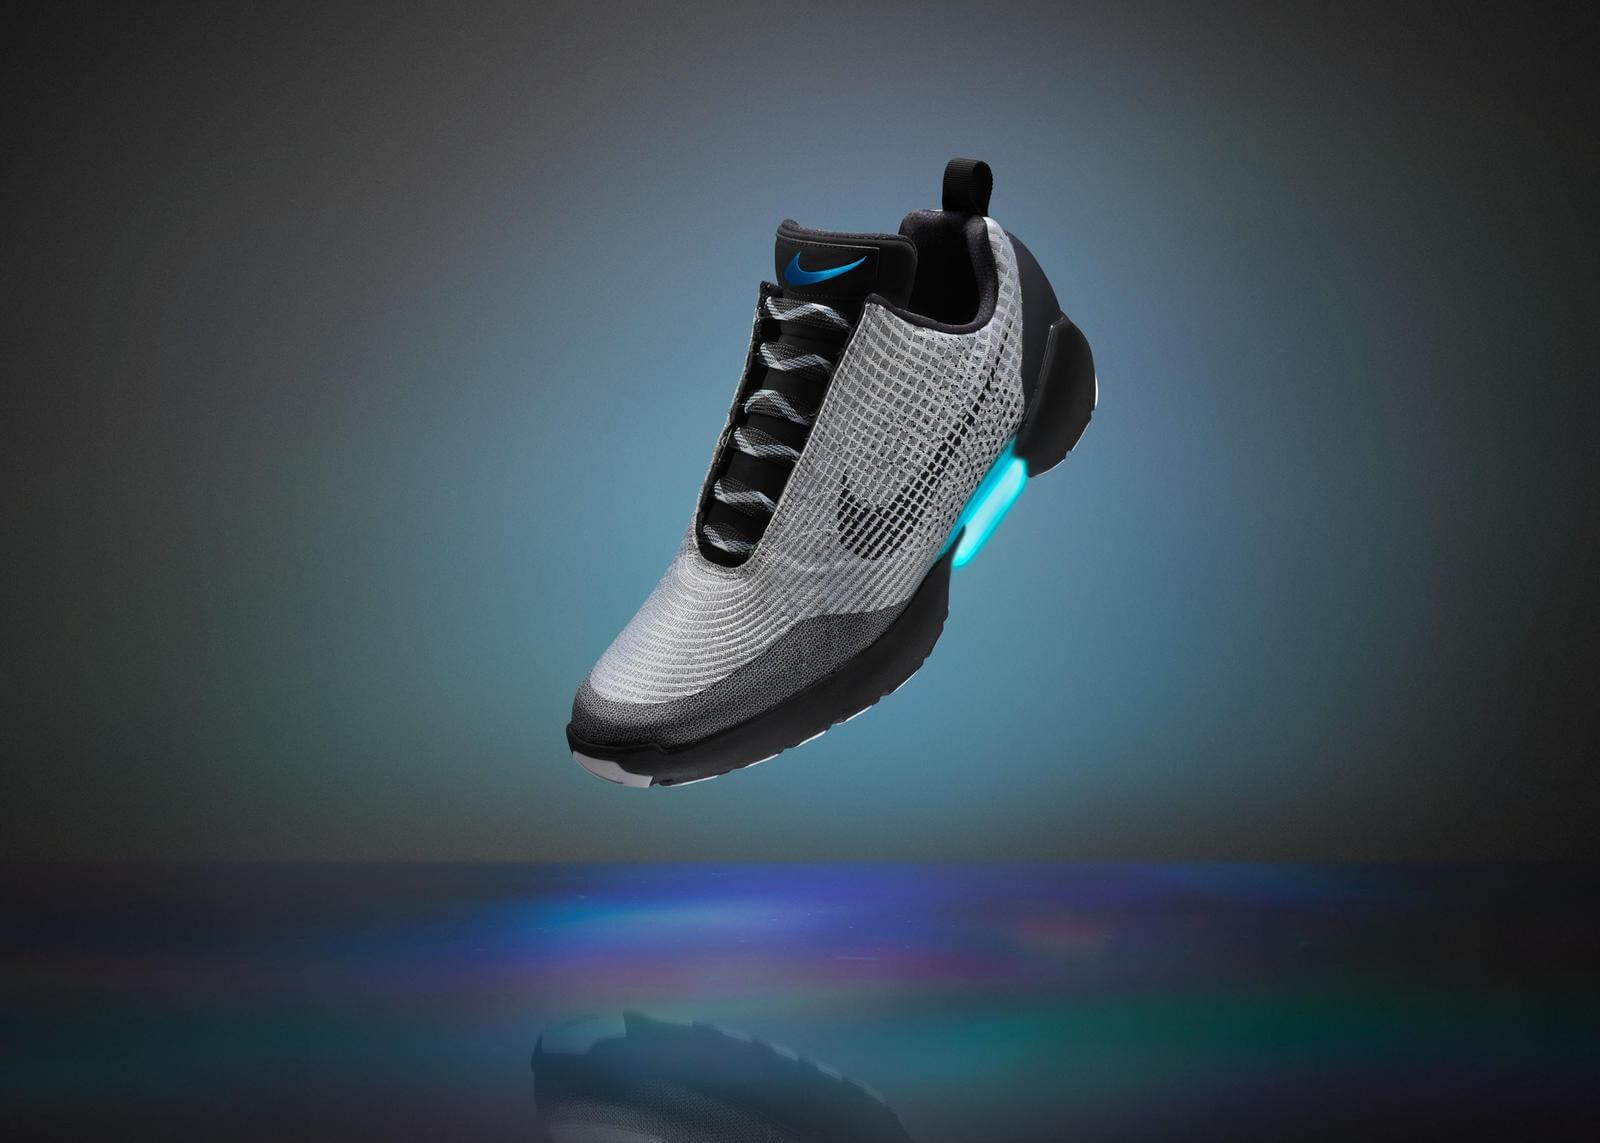 Nike schuhe leuchtende sohle